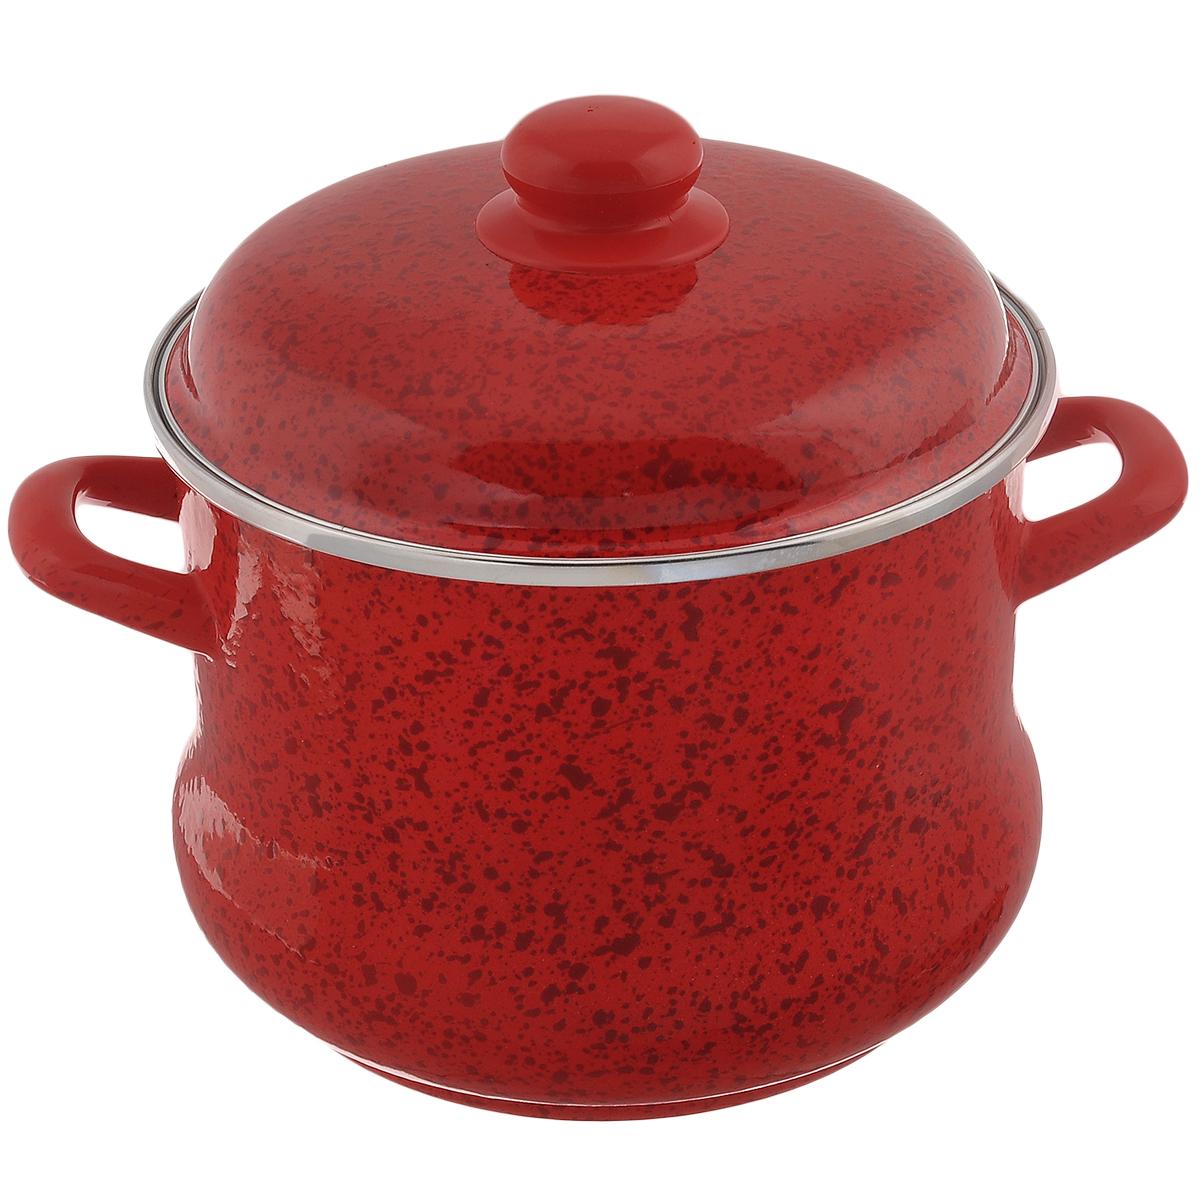 Кастрюля эмалированная Мetrot Рубин, с крышкой, цвет: красный, 5 лFS-91909Кастрюля Мetrot Рубин оригинальной формы Эмина, с расширенными стенками внизу, изготовлена из стали с красным эмалированным покрытием. Внешние стенки оформлены деколью под рубиновый камень. Эмаль инертна и устойчива к пищевым кислотам, не вступает во взаимодействие с продуктами и не искажает их вкусовые качества. Эмалевое покрытие, являясь стекольной массой, не вызывает аллергию и надежно защищает пищу от контакта с металлом. Кроме того, такое покрытие долговечно, оно устойчиво к механическому воздействию, не царапается и не сходит, а стальная основа практически не подвержена механической деформации, благодаря чему срок эксплуатации увеличивается. Кастрюля оснащена двумя удобными ручками и крышкой из стали. Крышка с ободом плотно прилегает к краю кастрюли, предотвращая проливание жидкости и сохраняя аромат блюд.Изделие подходит для всех типов плит, включая индукционные. Можно мыть в посудомоечной машине. Кастрюля Мetrot Рубин - это идеальный подарок для современных хозяек, которые следят за своим здоровьем и здоровьем своей семьи. Эргономичный дизайн и функциональность позволят вам наслаждаться процессом приготовления любимых, полезных для здоровья блюд. Объем: 5 л. Диаметр: 21 см. Высота стенки: 15,5 см.